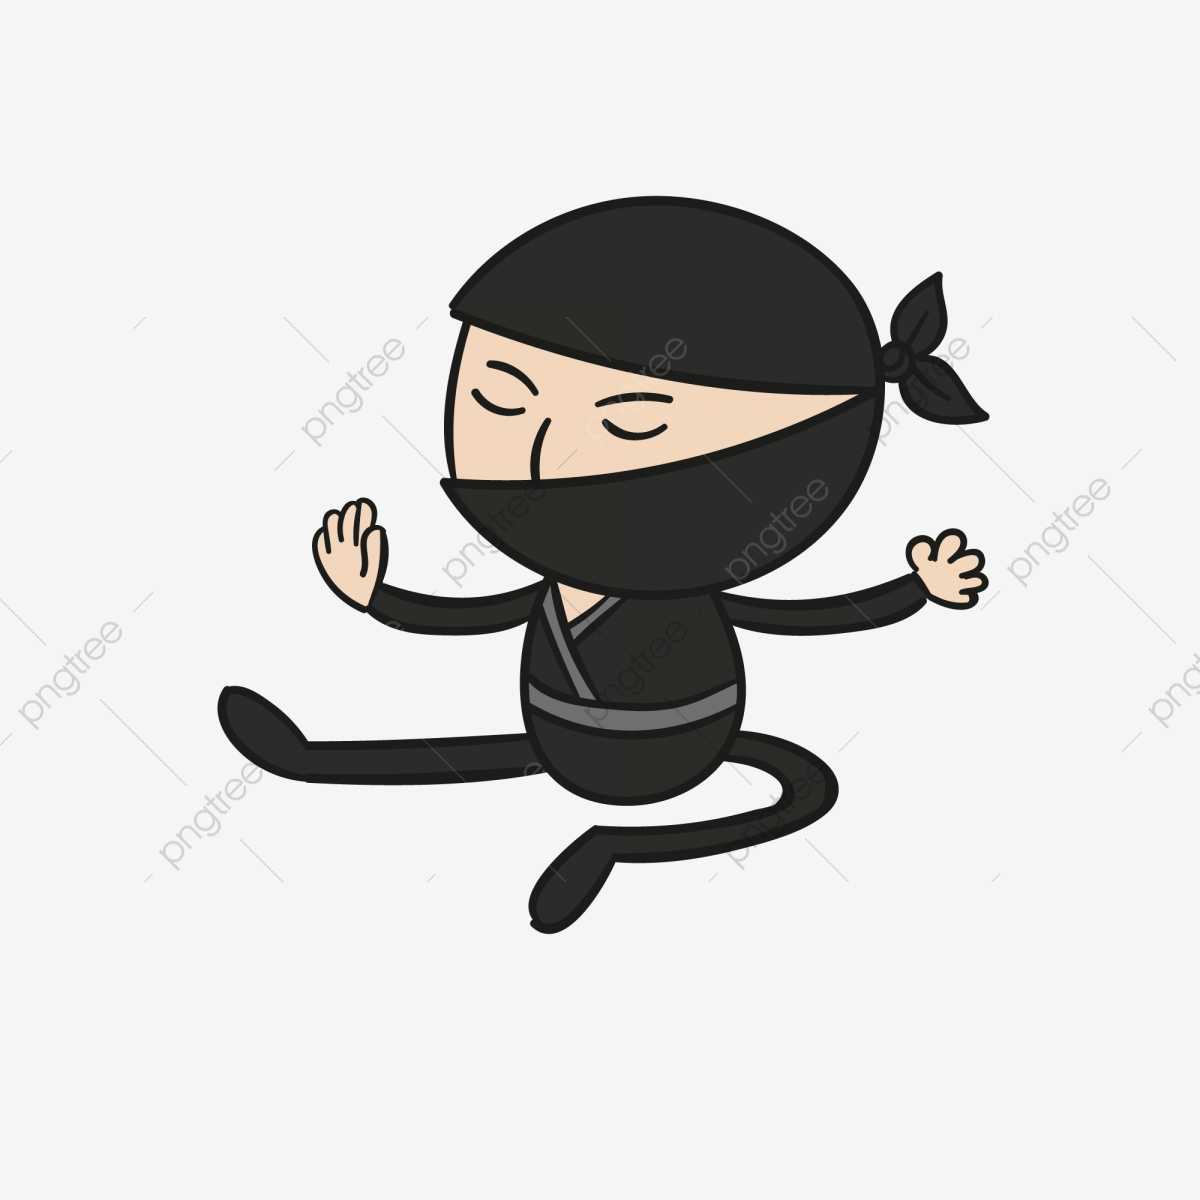 Ninja Japanese Ninja Jumping Ninja Cartoon Ninja, Ninja Illustration.